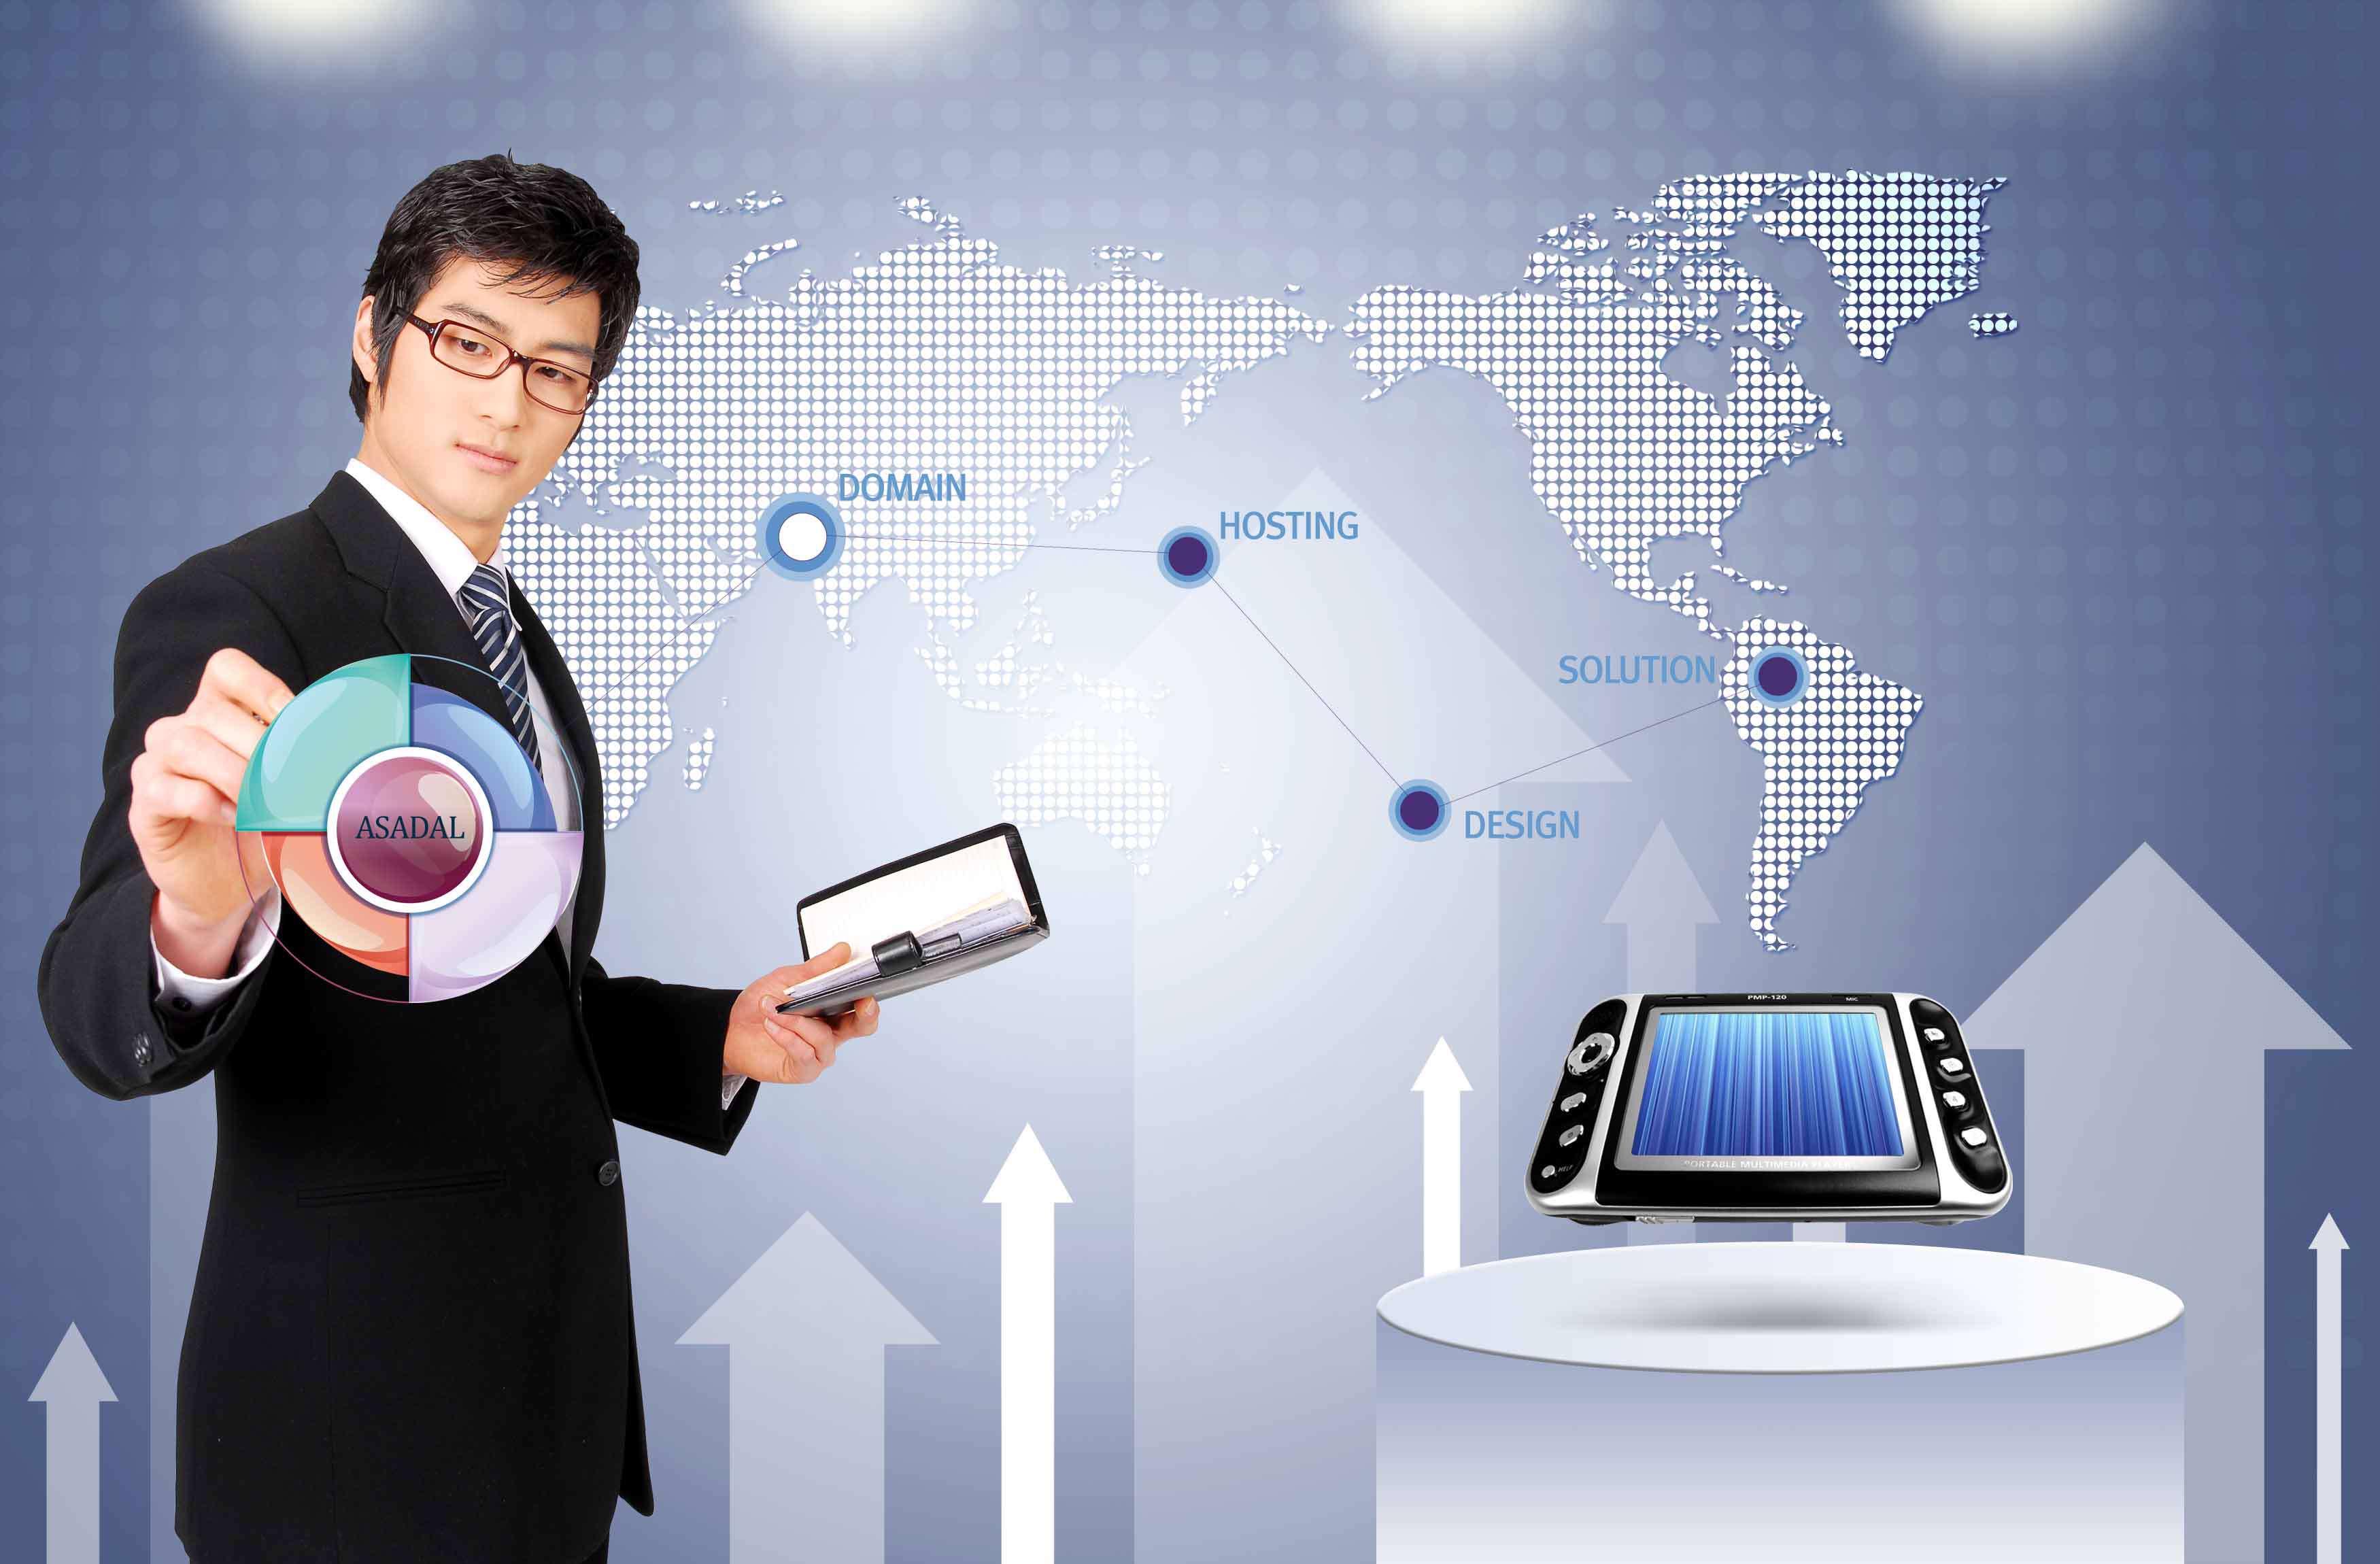 تصاویر لایه باز تبلیغاتی، تجاری و دیجیتال آبی و خاکستری